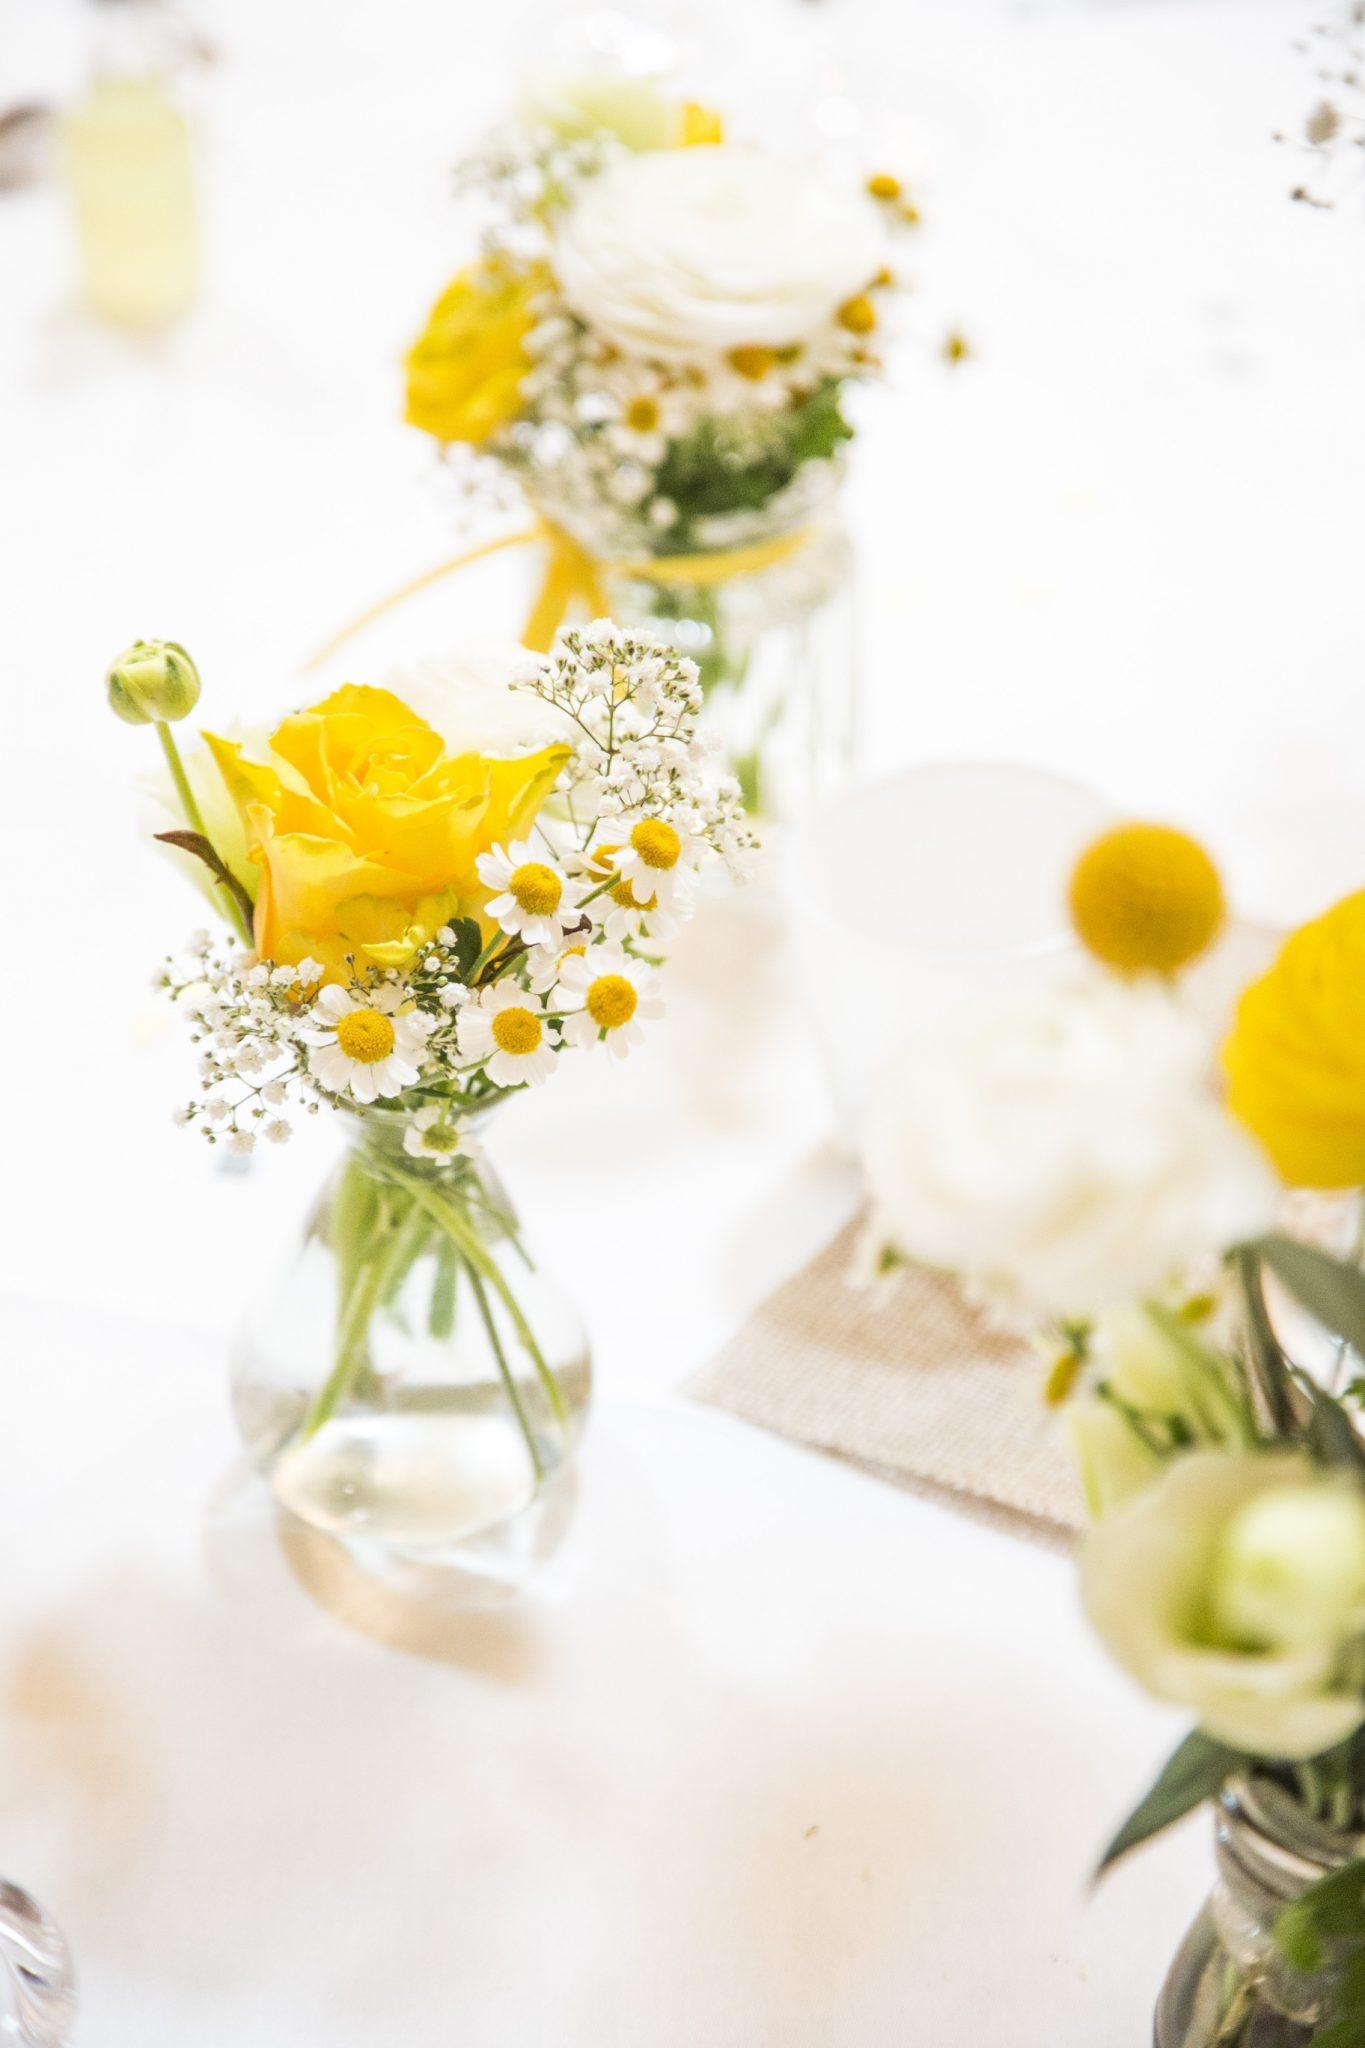 Hochzeit von Jannine und Christian in Münster: Gelbe Rosen auf den Tisch